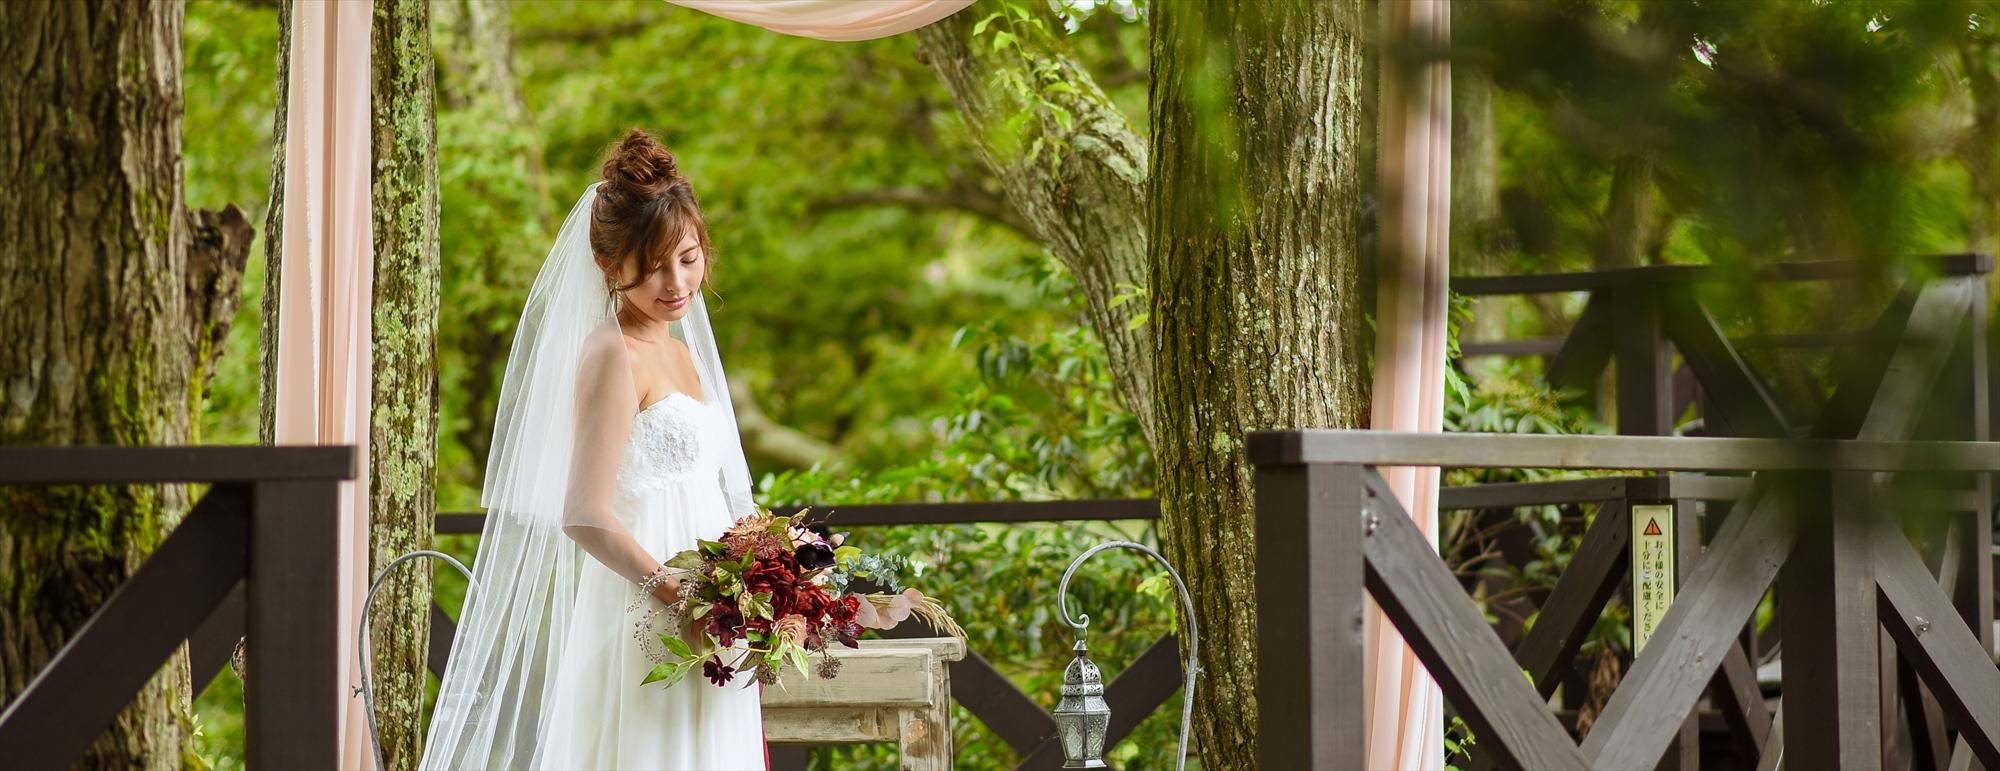 伊豆高原ガーデン・ウェディング Izu Highland Garden Just Us Wedding  2人だけの結婚式 リゾート・アンダの森